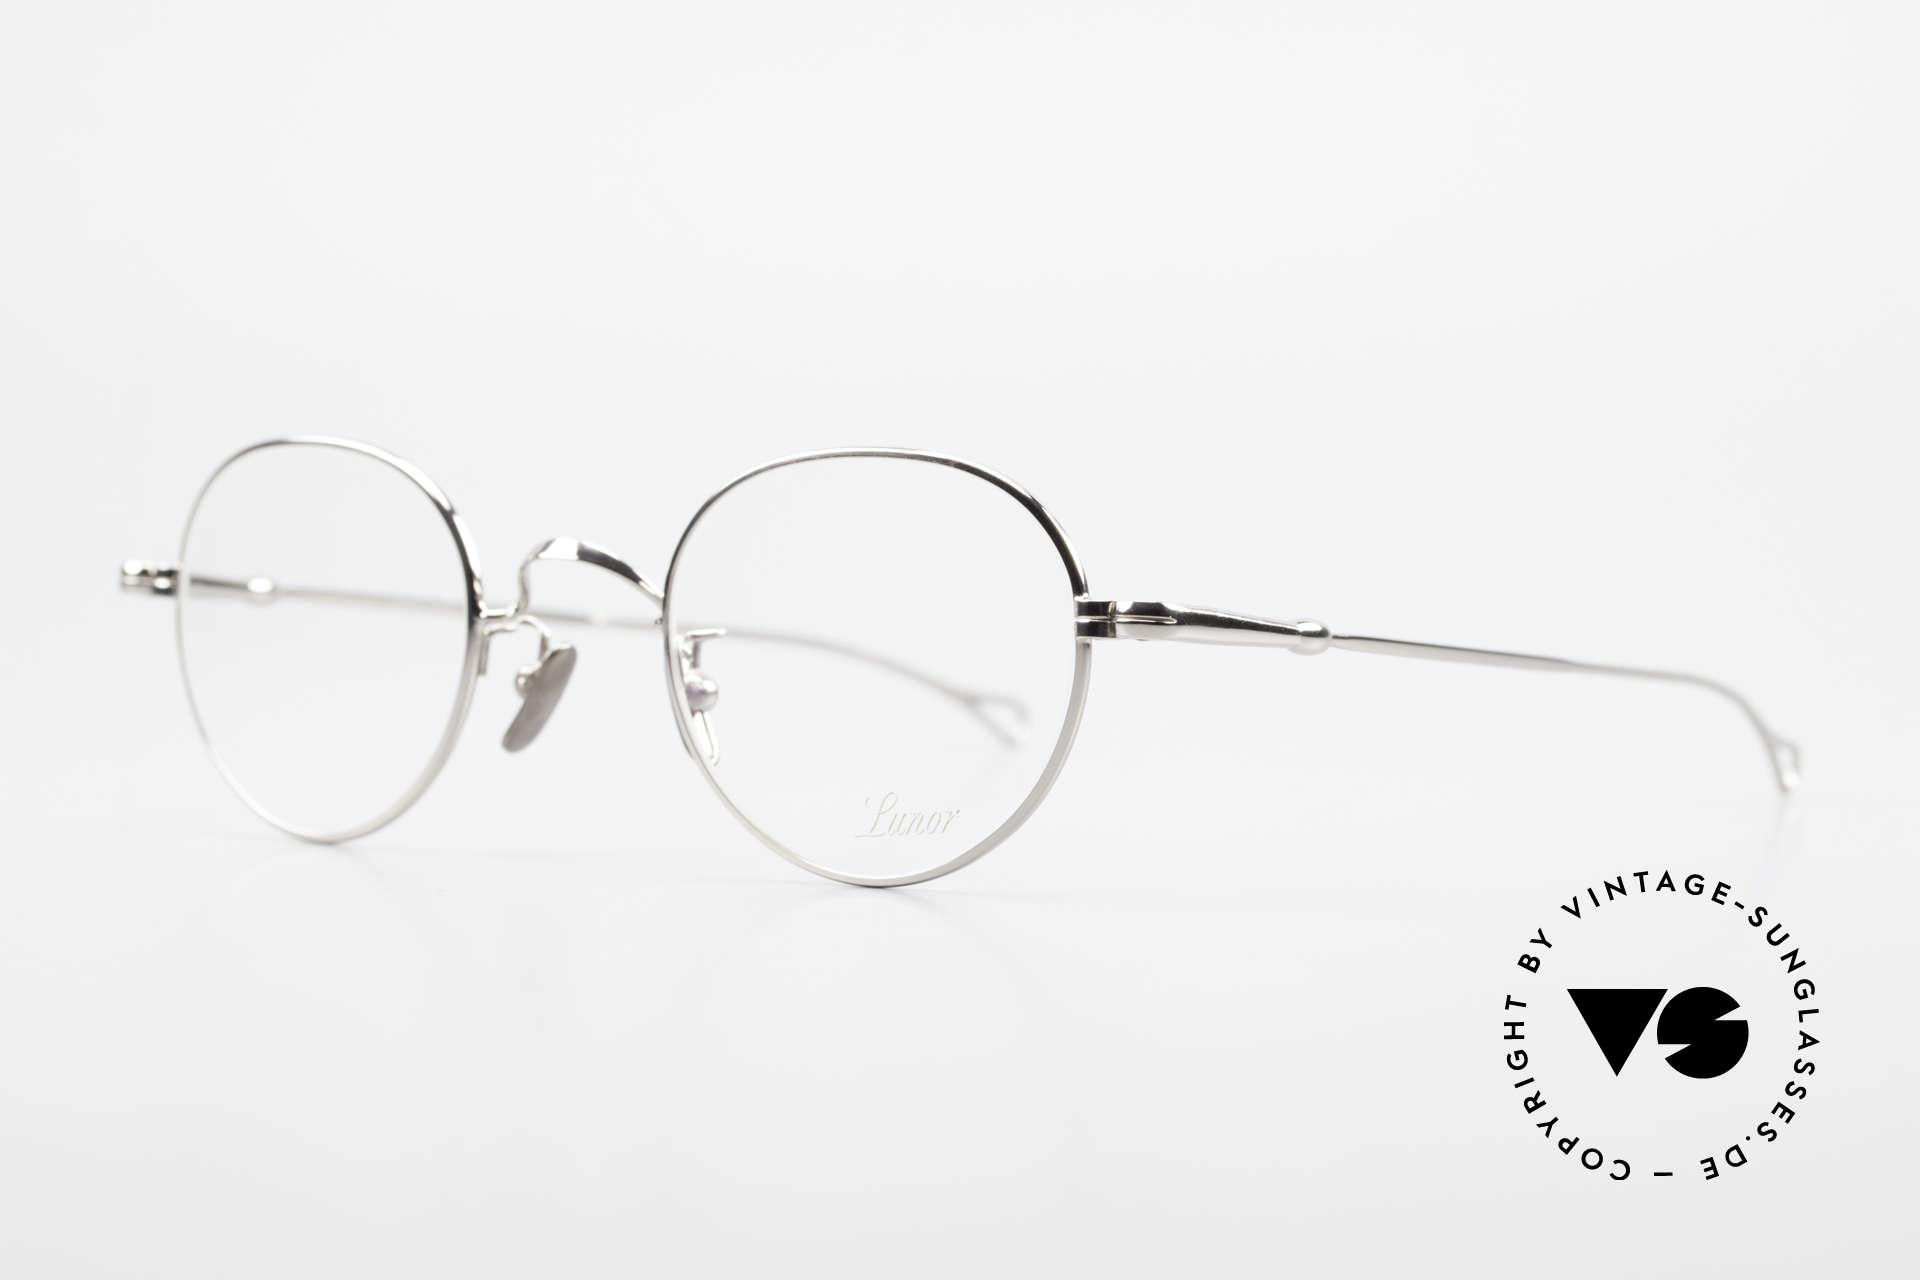 Lunor V 108 Pantobrille Platin Plattiert, Modell V 108: sehr elegante Pantobrille für Herren, Passend für Herren